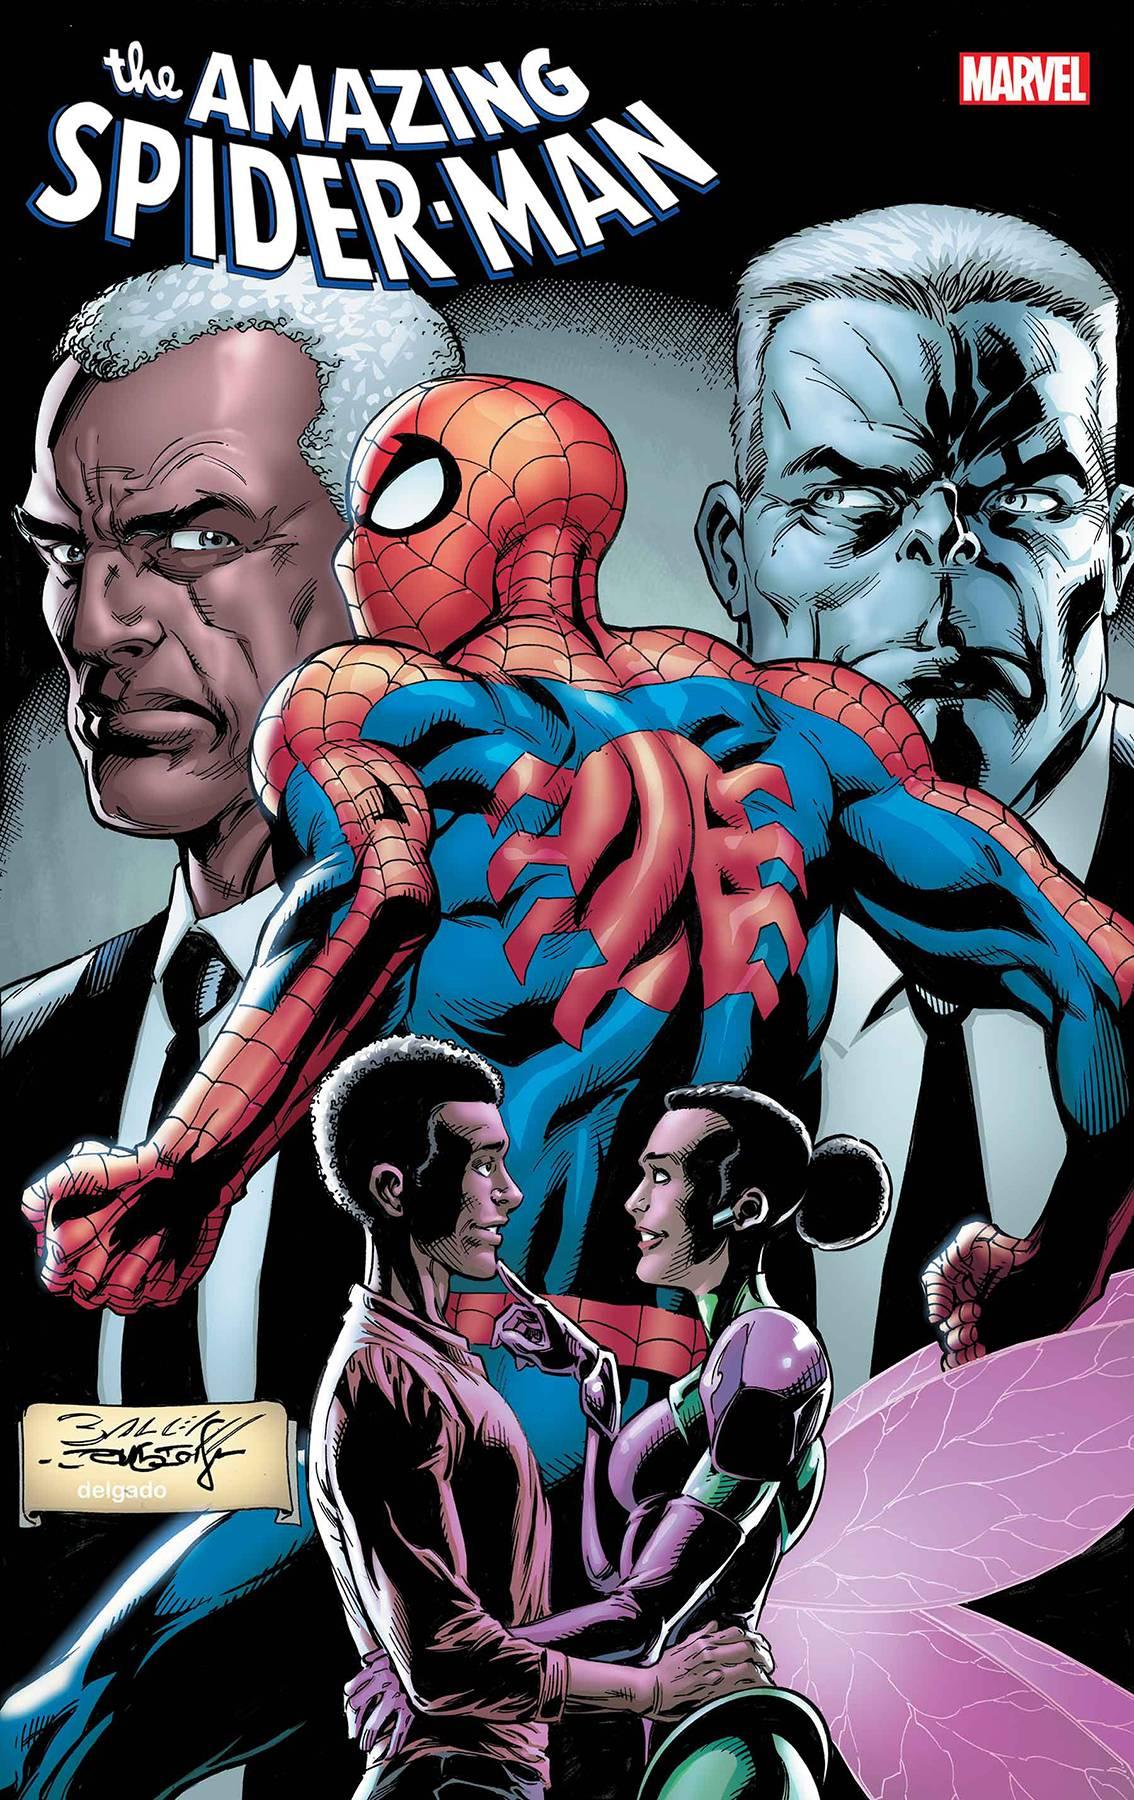 AMAZING SPIDER-MAN